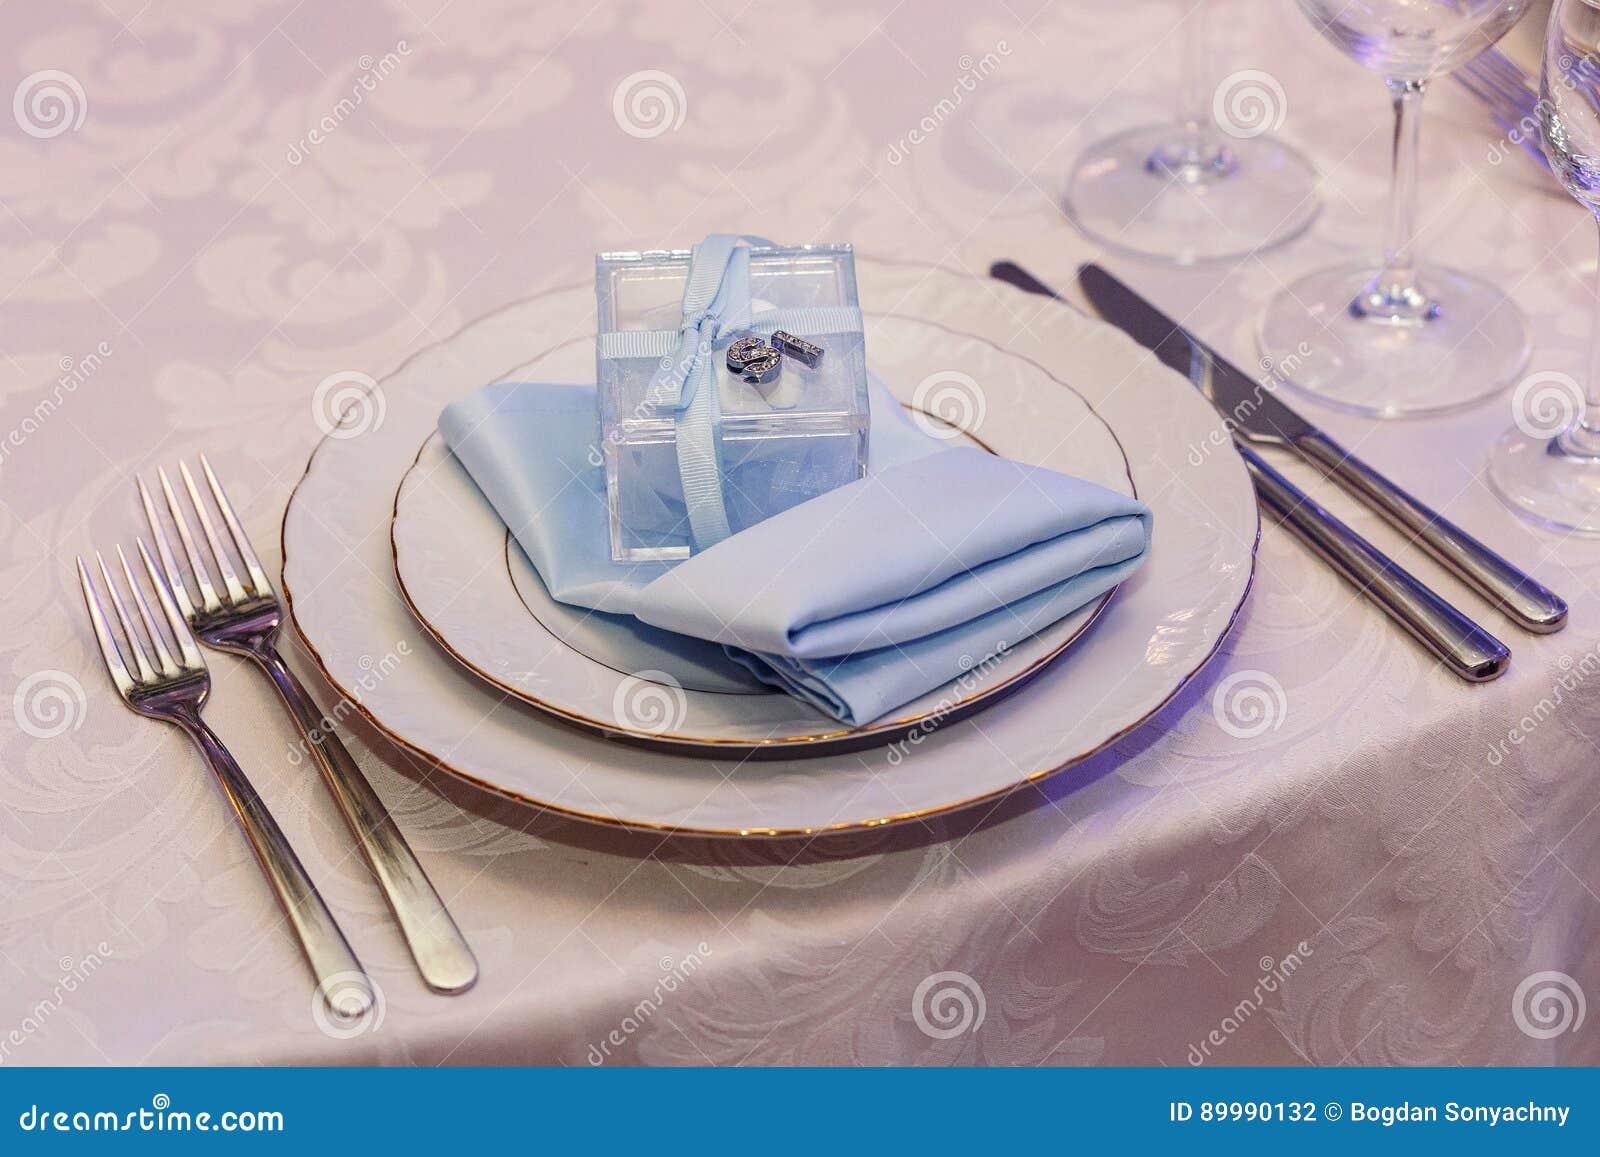 Luxury Wedding Reception Stylish Glasses Plates On Napkins And